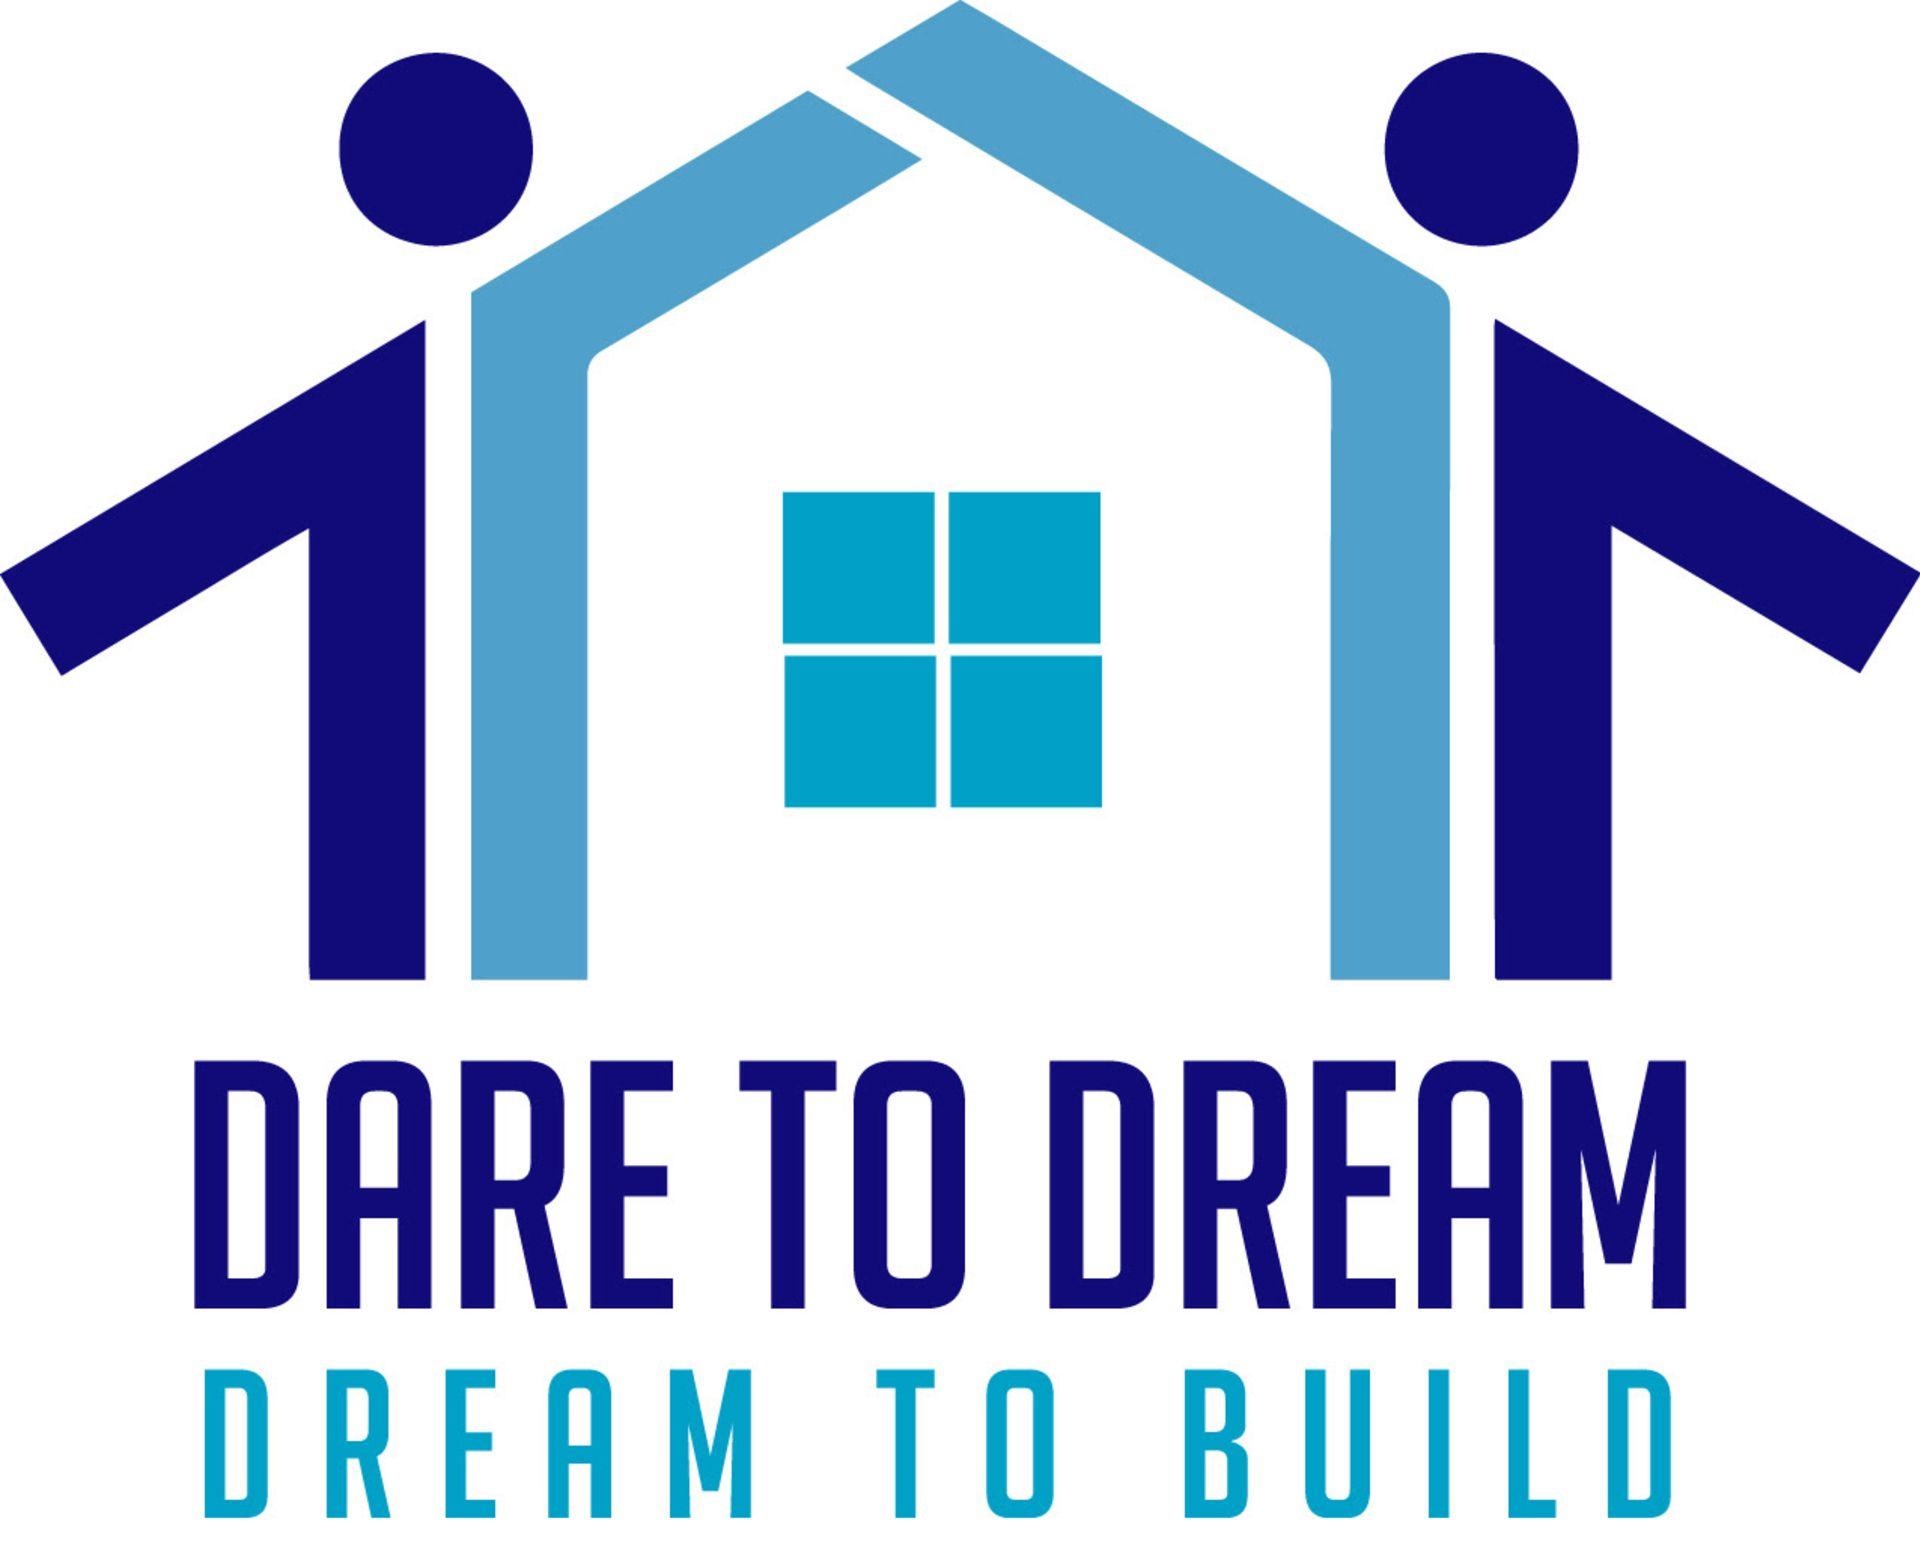 Dare To Dream, Dream To Build 2017